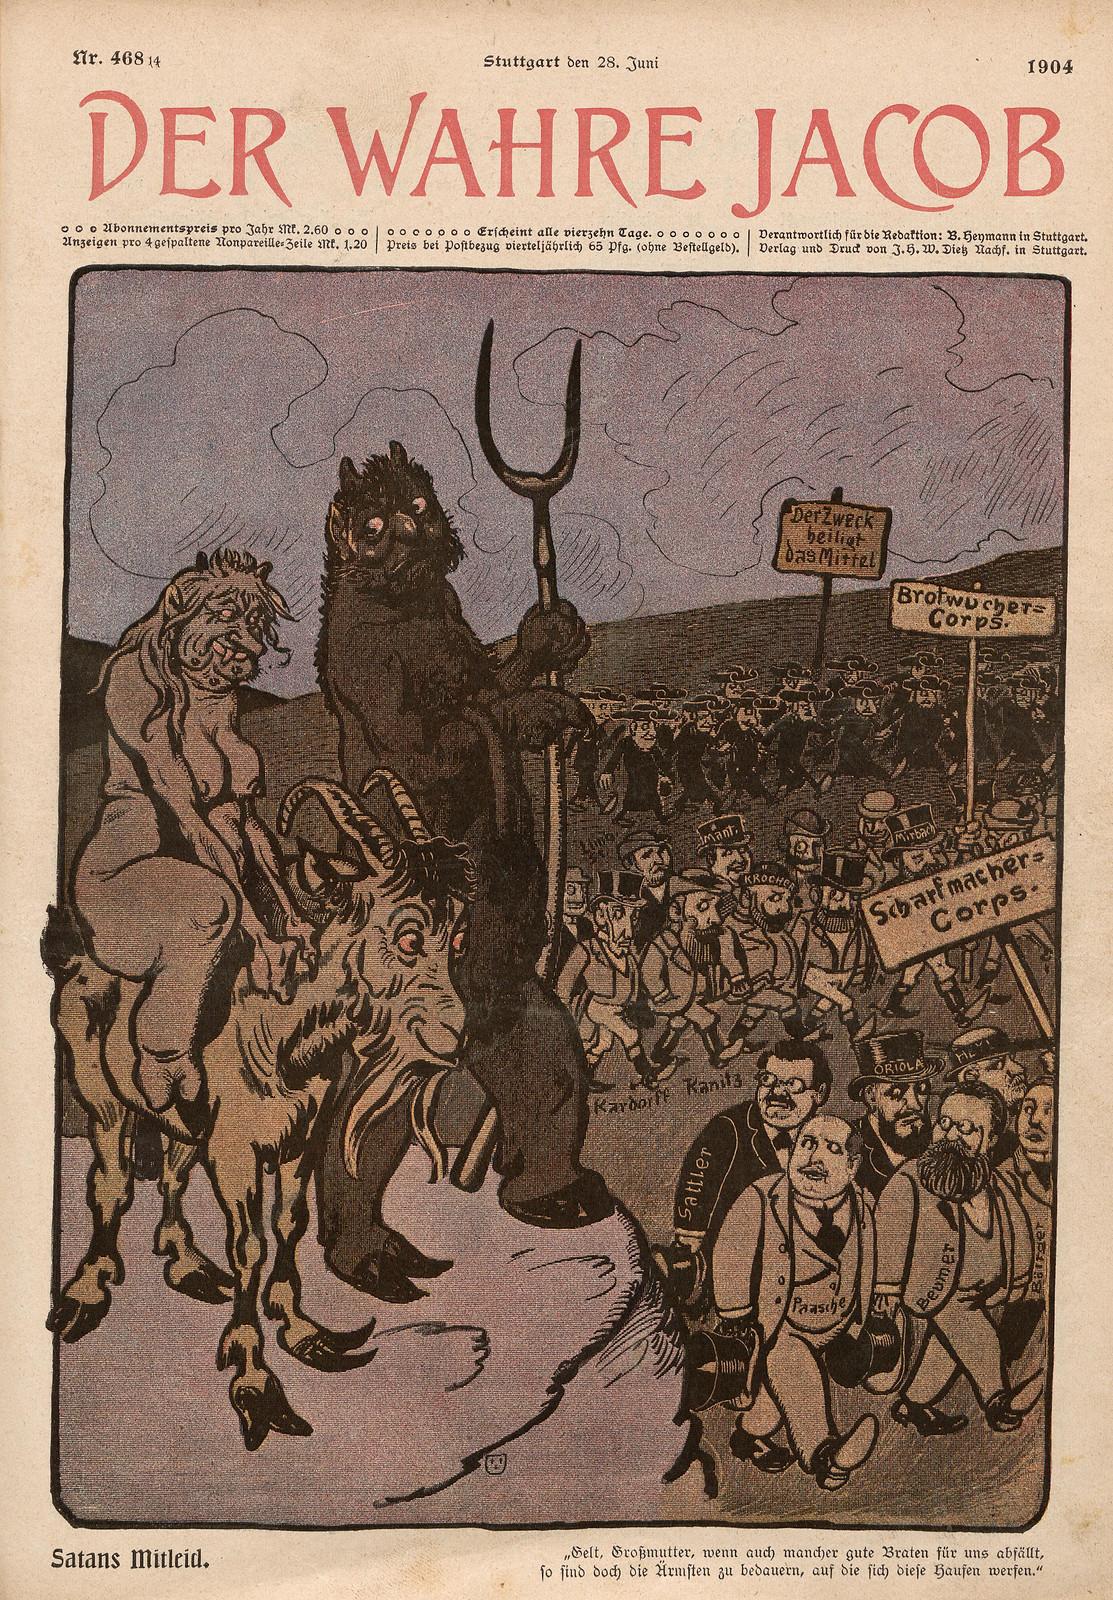 Otto Emil Lau - Satan's Compassion, 1904